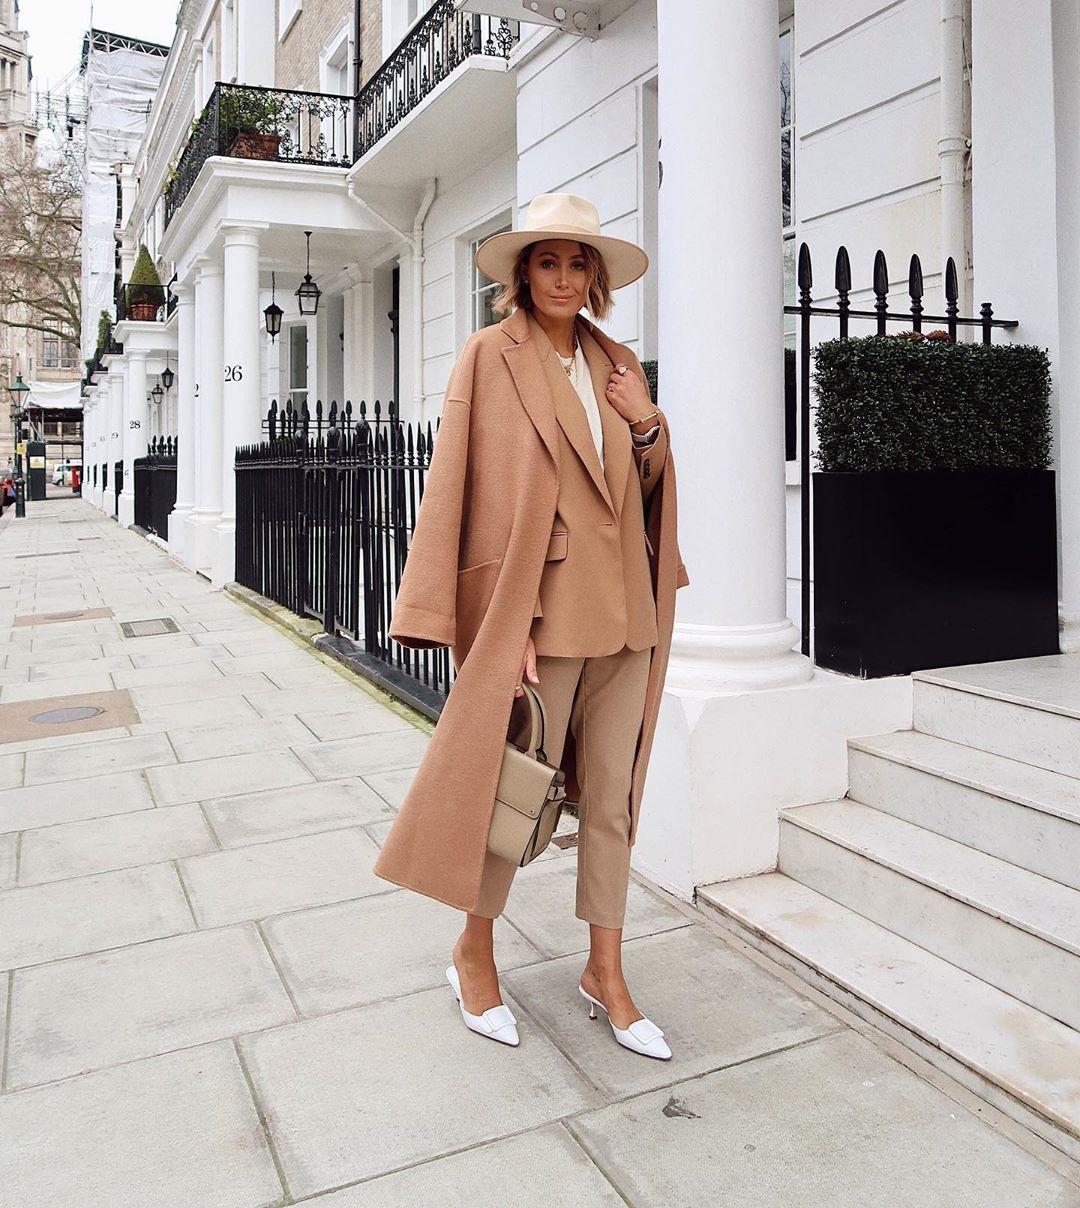 Элегантные образы от модного блогера Жюстин фото3